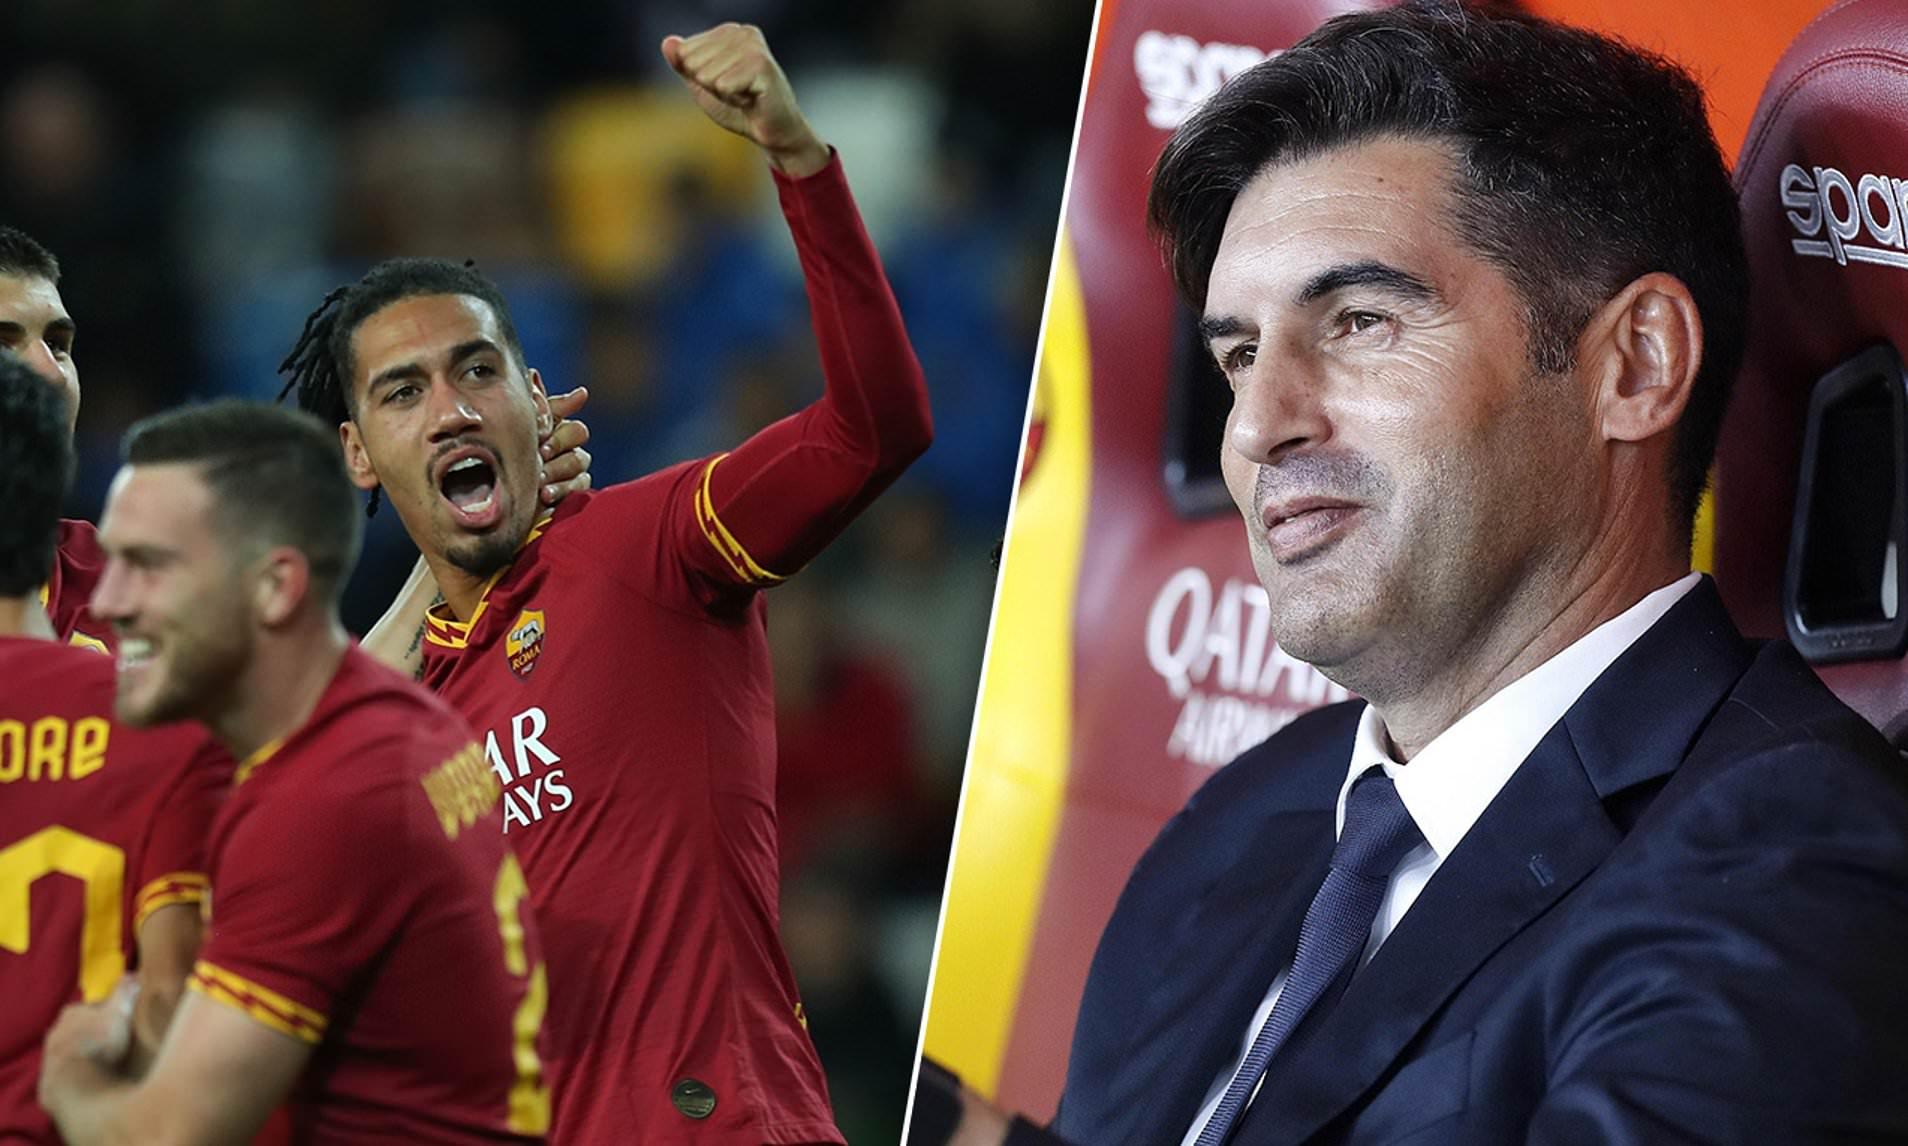 HLV AS Roma lên tiếng, muốn làm 1 điều với